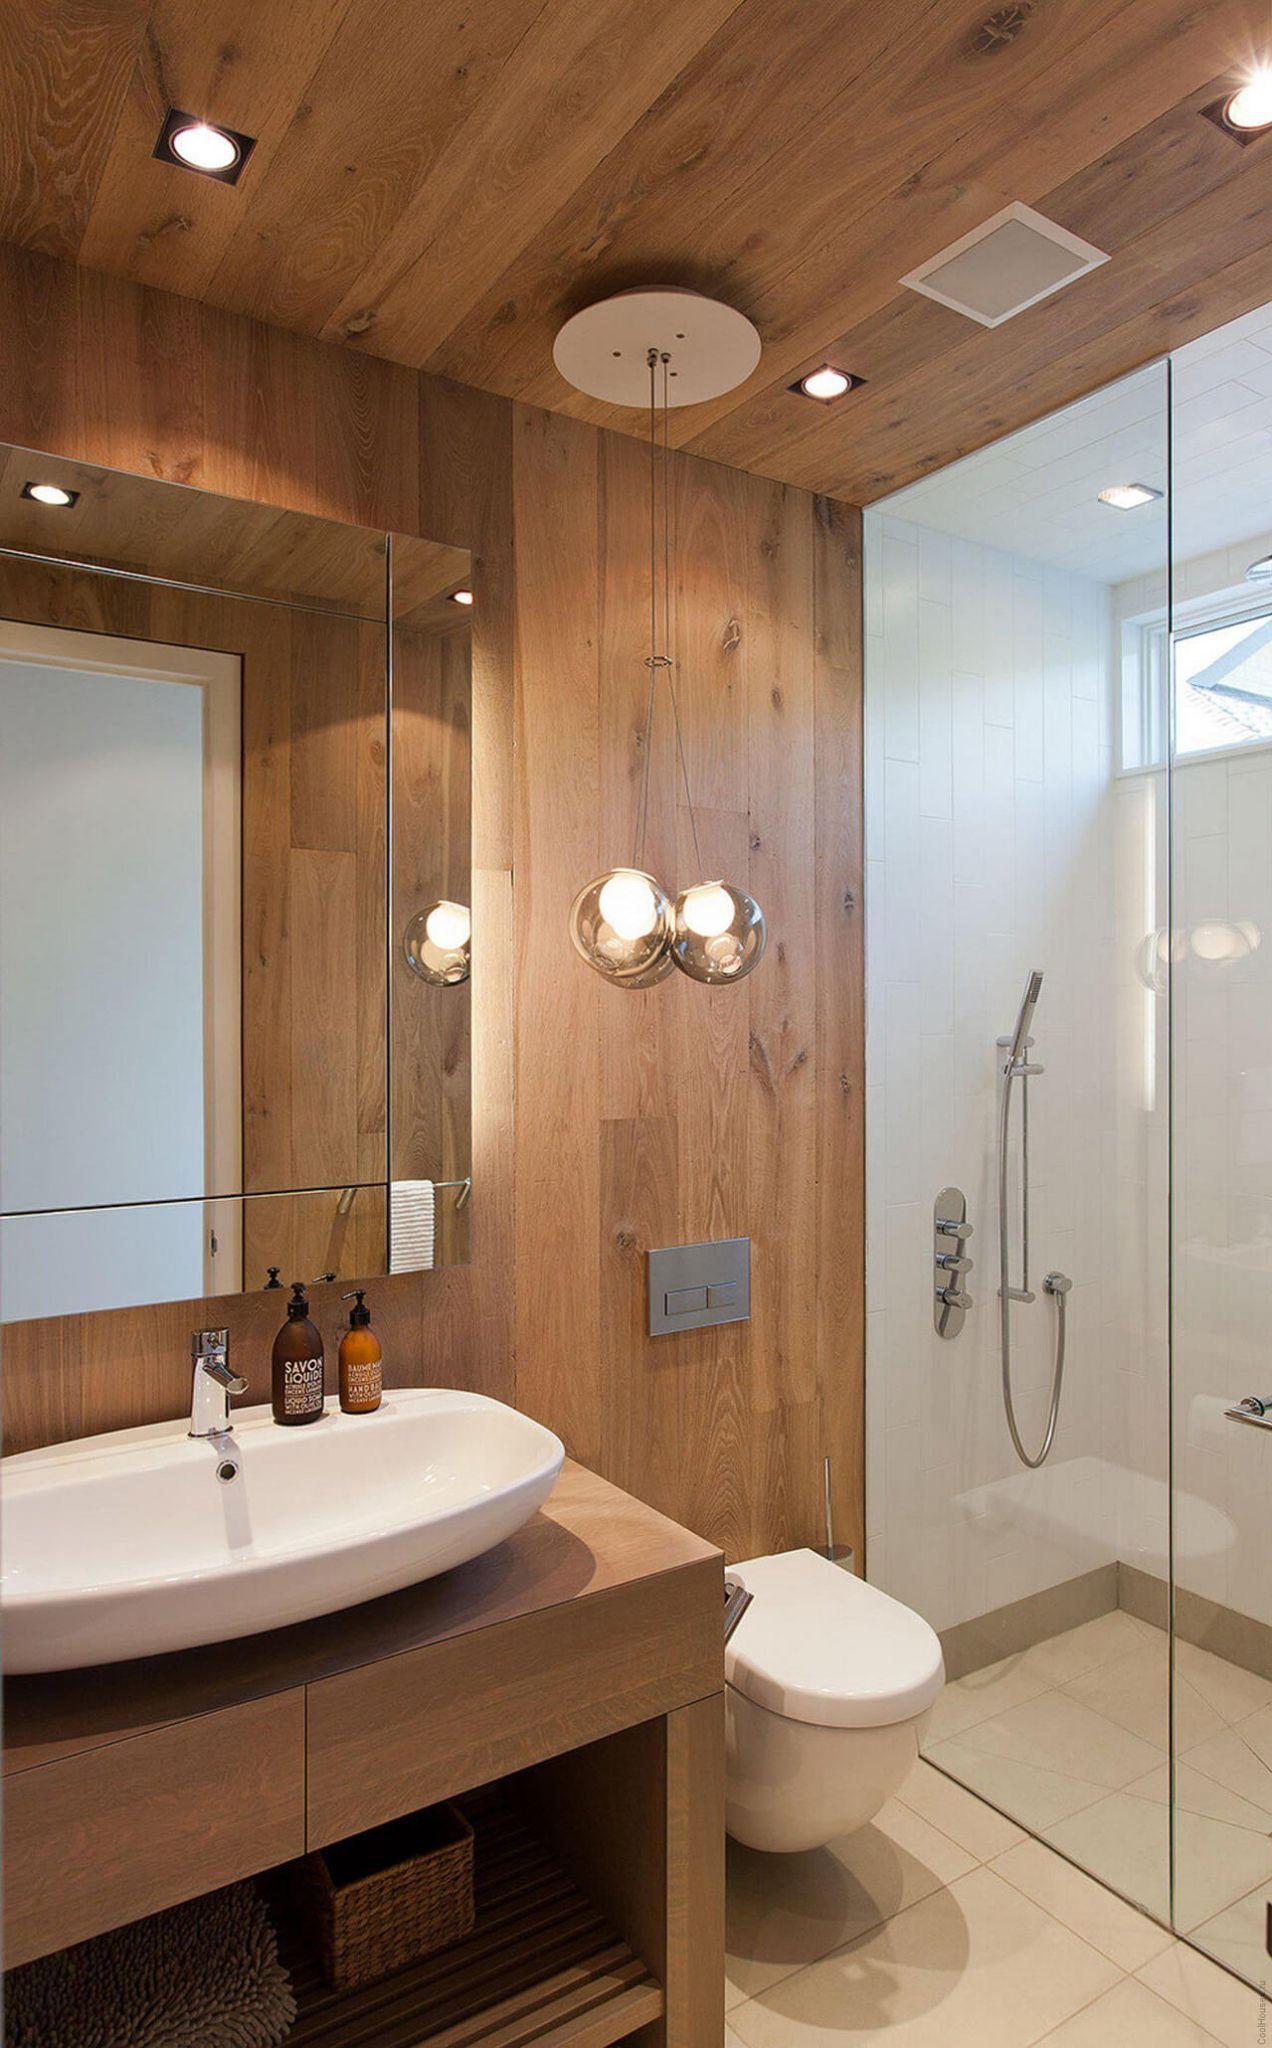 32 Small Bathroom Design Ideas For Every Taste Small Bathroom Decor Bathroom Design Small Modern Small Bathroom Styles